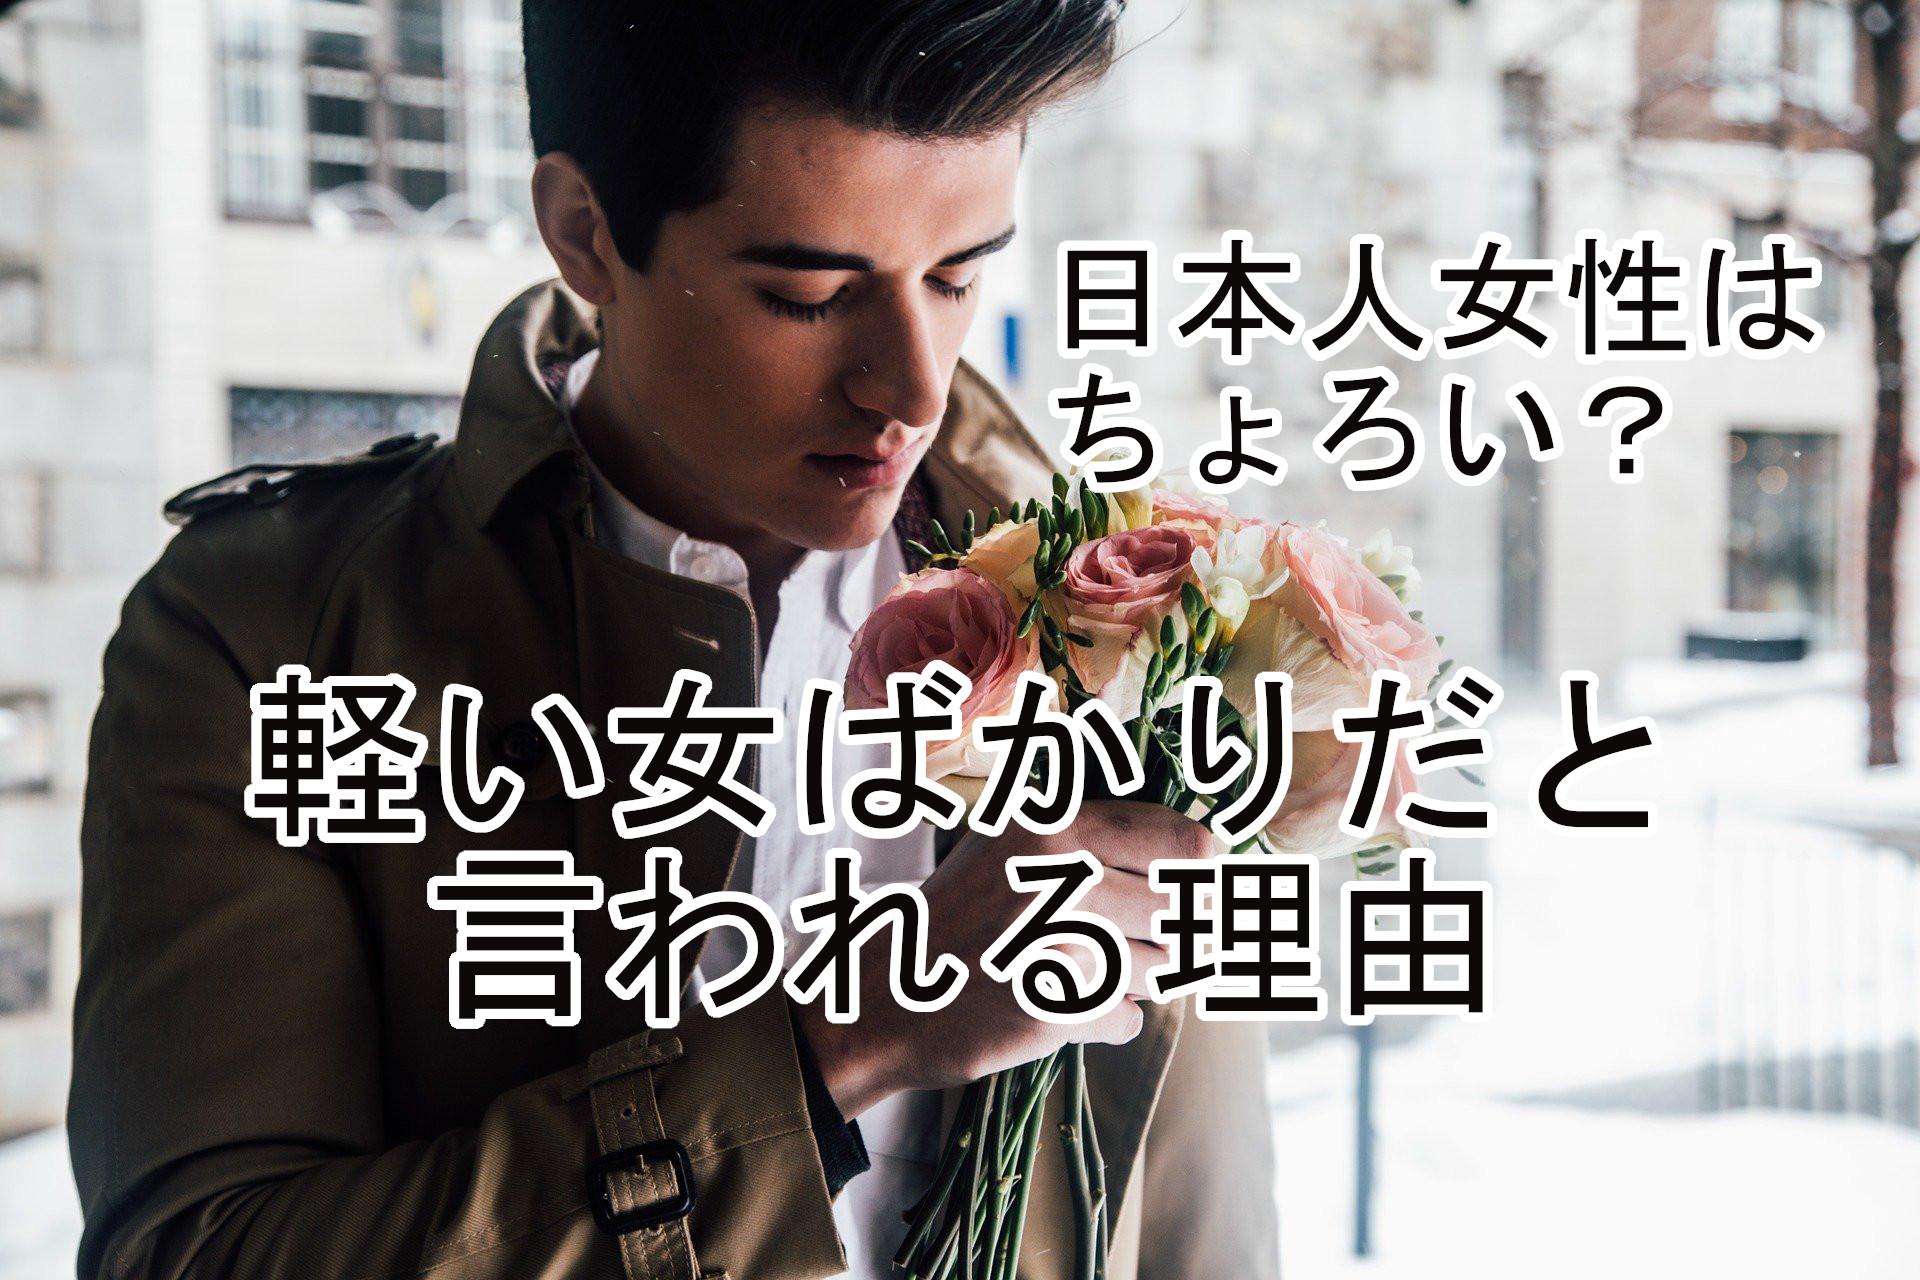 日本人女性はちょろい?軽い女ばかりだと言われる理由をワーホリの経験から分析